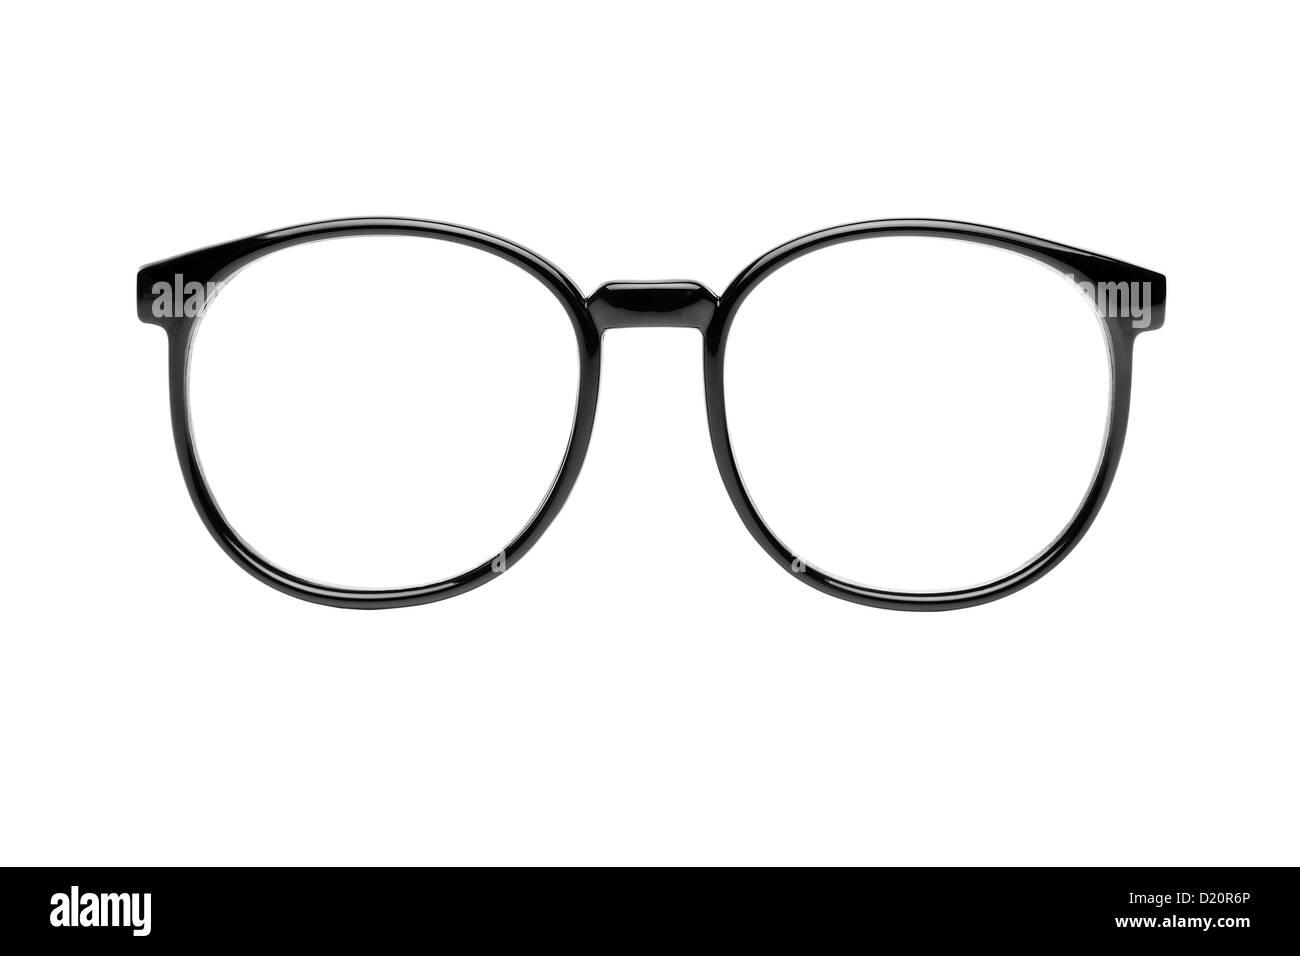 Nerd glasses isolated on white background - Stock Image